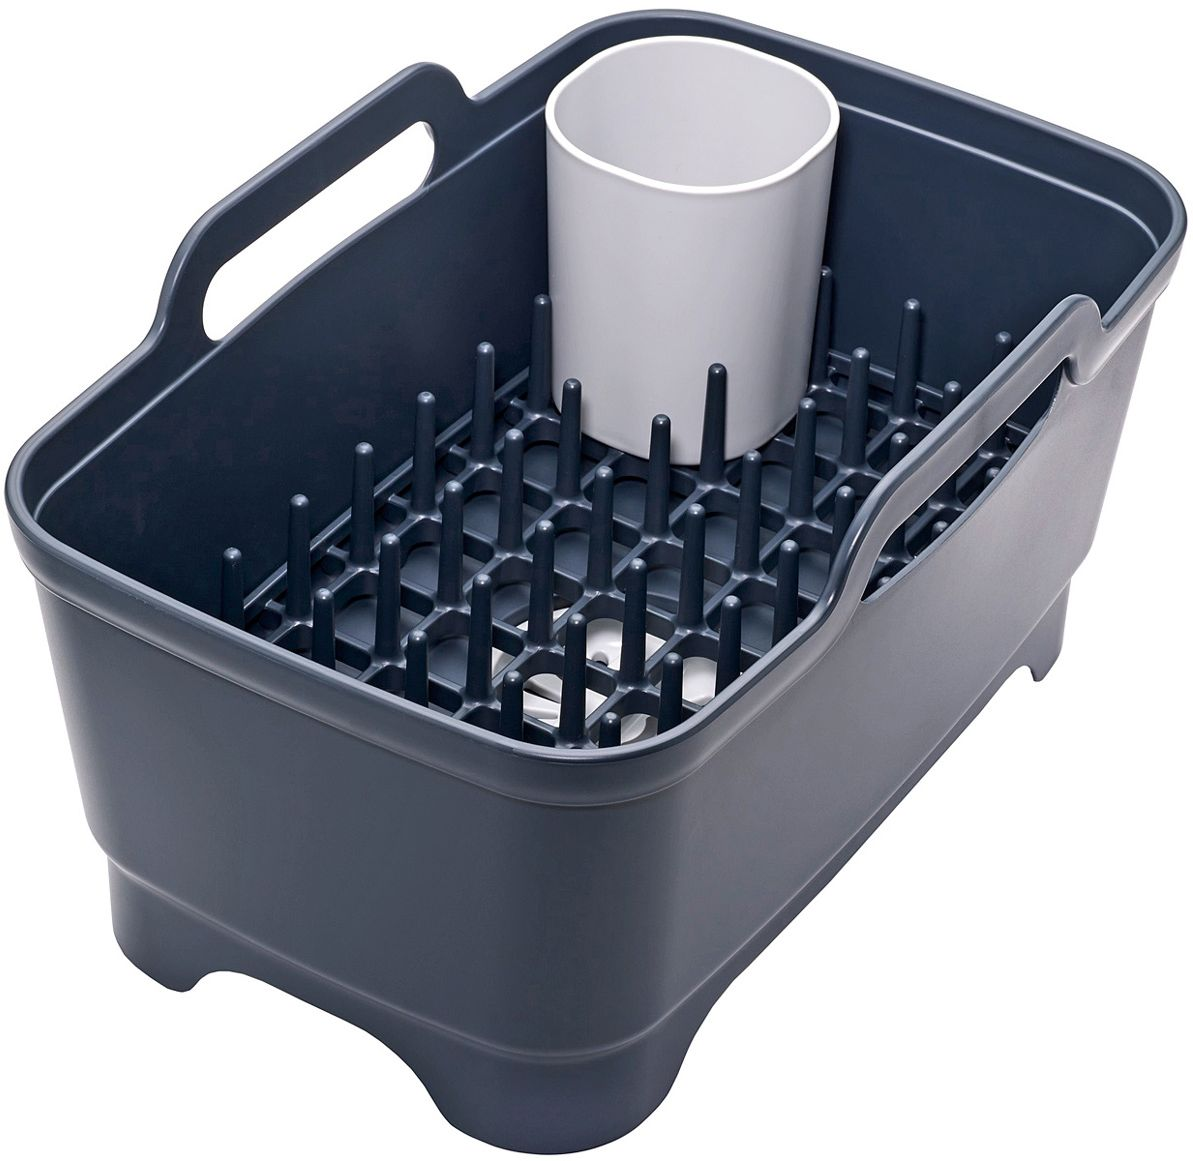 Набор для мойки и сушки посуды Joseph Joseph, цвет: серый85102Набор для мойки и сушки посуды Joseph Joseph включает в себя тазик для мытья, со встроенной пробкой для слива/удержания воды и съемную сушилку для посуды и столовых приборов. Компактный и функциональный дизайн, который поможет по максимуму использовать существующее пространство: подставка для посуды может использоваться как внутри таза, так и на рабочей поверхности.Сам тазик оснащен удобными широкими ручками для переноски, его размеры идеально впишутся в любую раковину.Моется вручную.